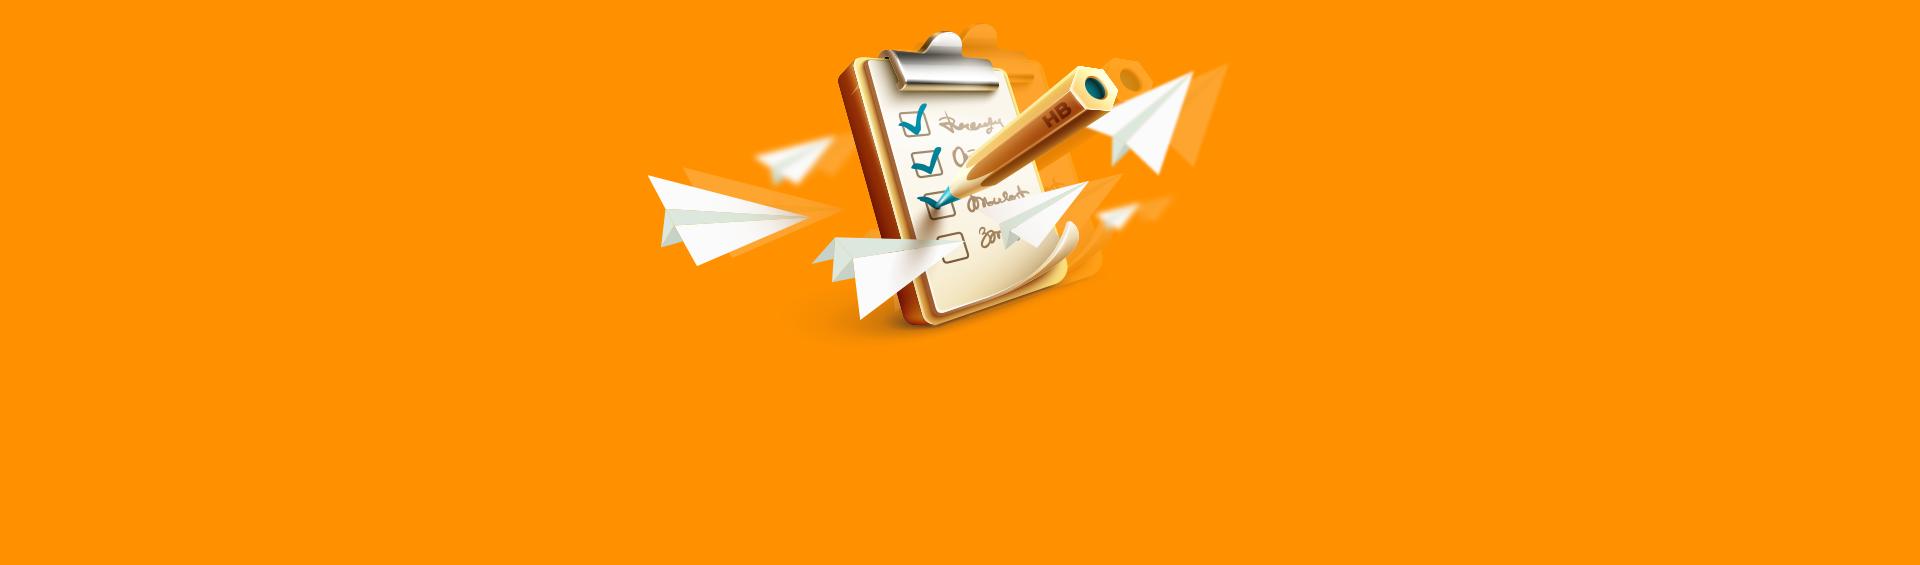 11 телеграм-каналов для тех, кто работает с текстом